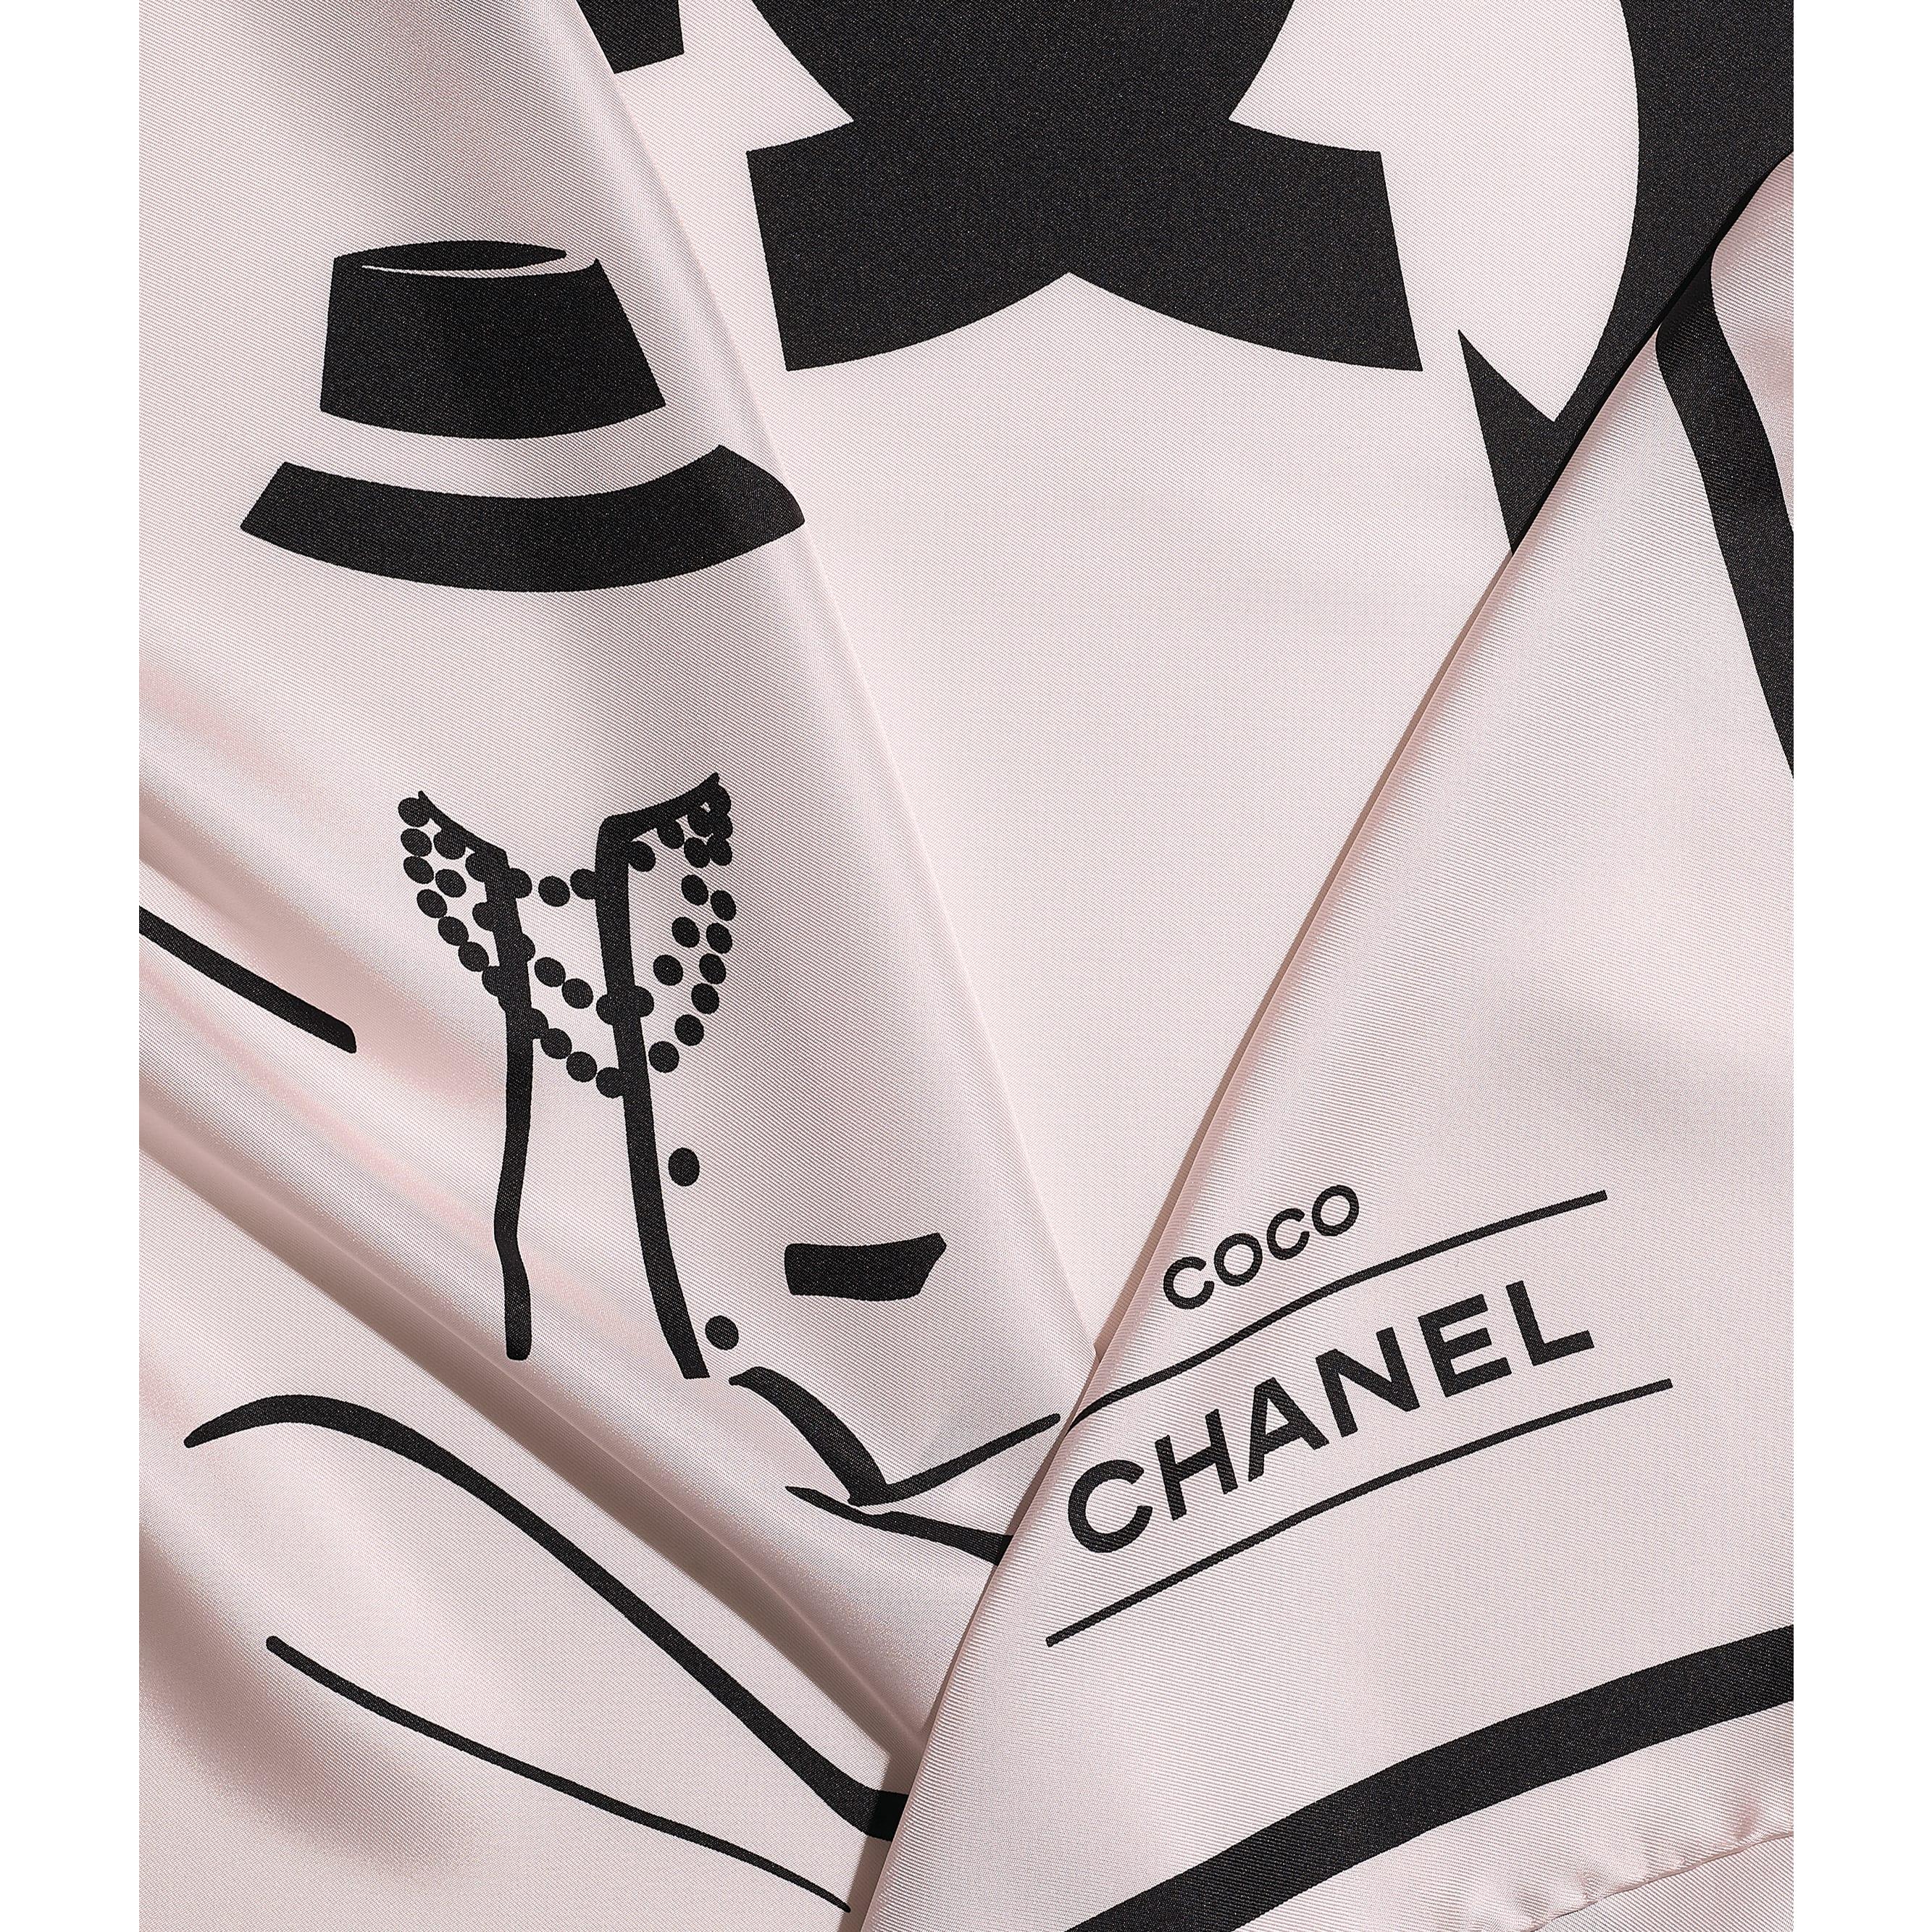 ผ้าพันคอทรงสี่เหลี่ยมจัตุรัส - สีชมพูอ่อน - ผ้าไหมทวิลล์ - CHANEL - มุมมองปัจจุบัน - ดูเวอร์ชันขนาดมาตรฐาน